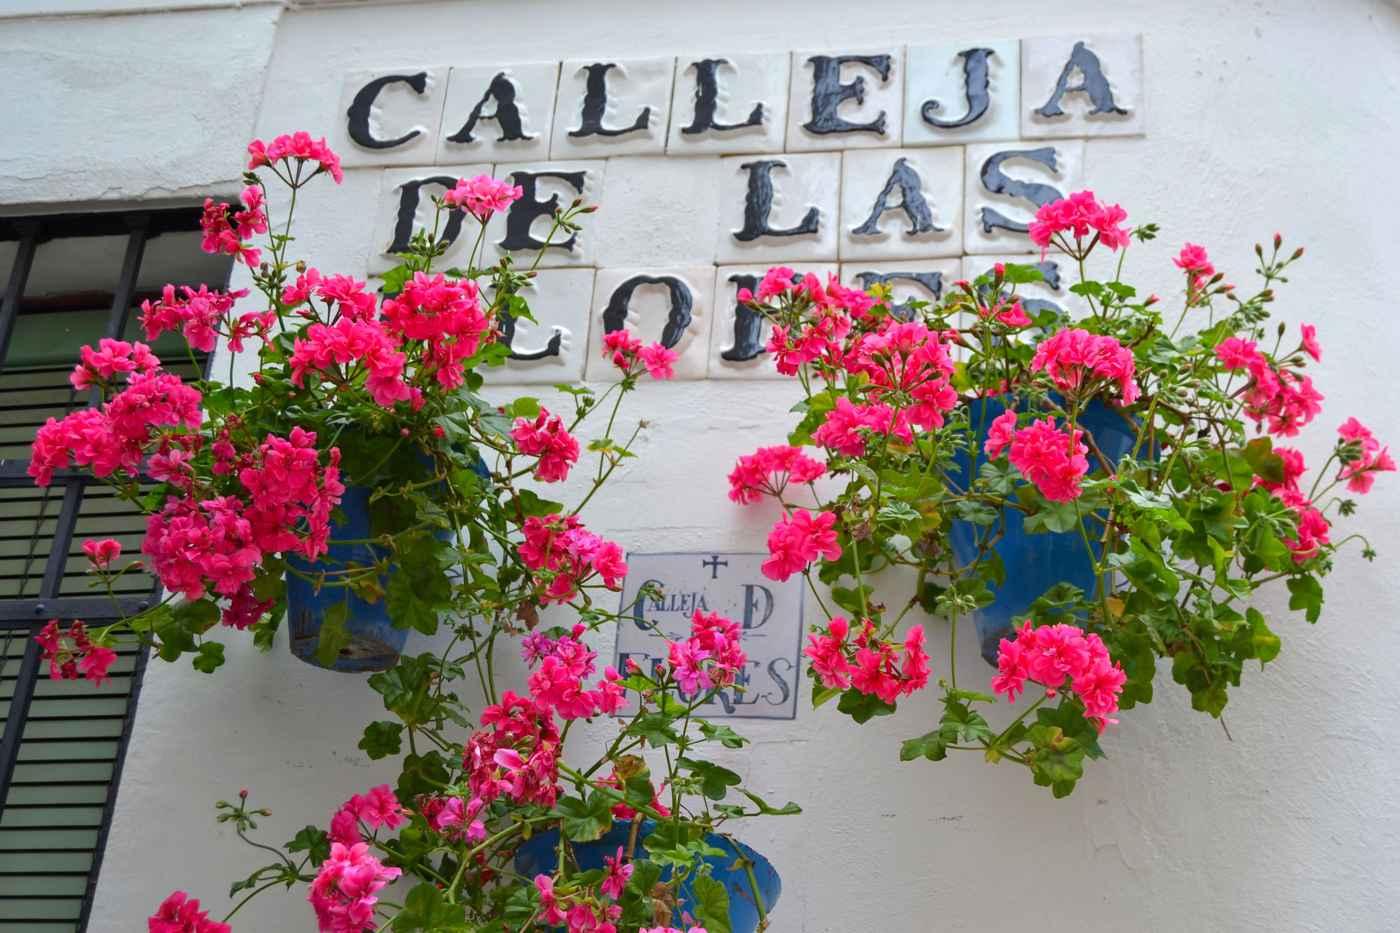 Fiesta de los patios de c rdoba tradiciones y fiestas espa a fiestas y tradiciones de espa a - Imagenes de patios andaluces ...